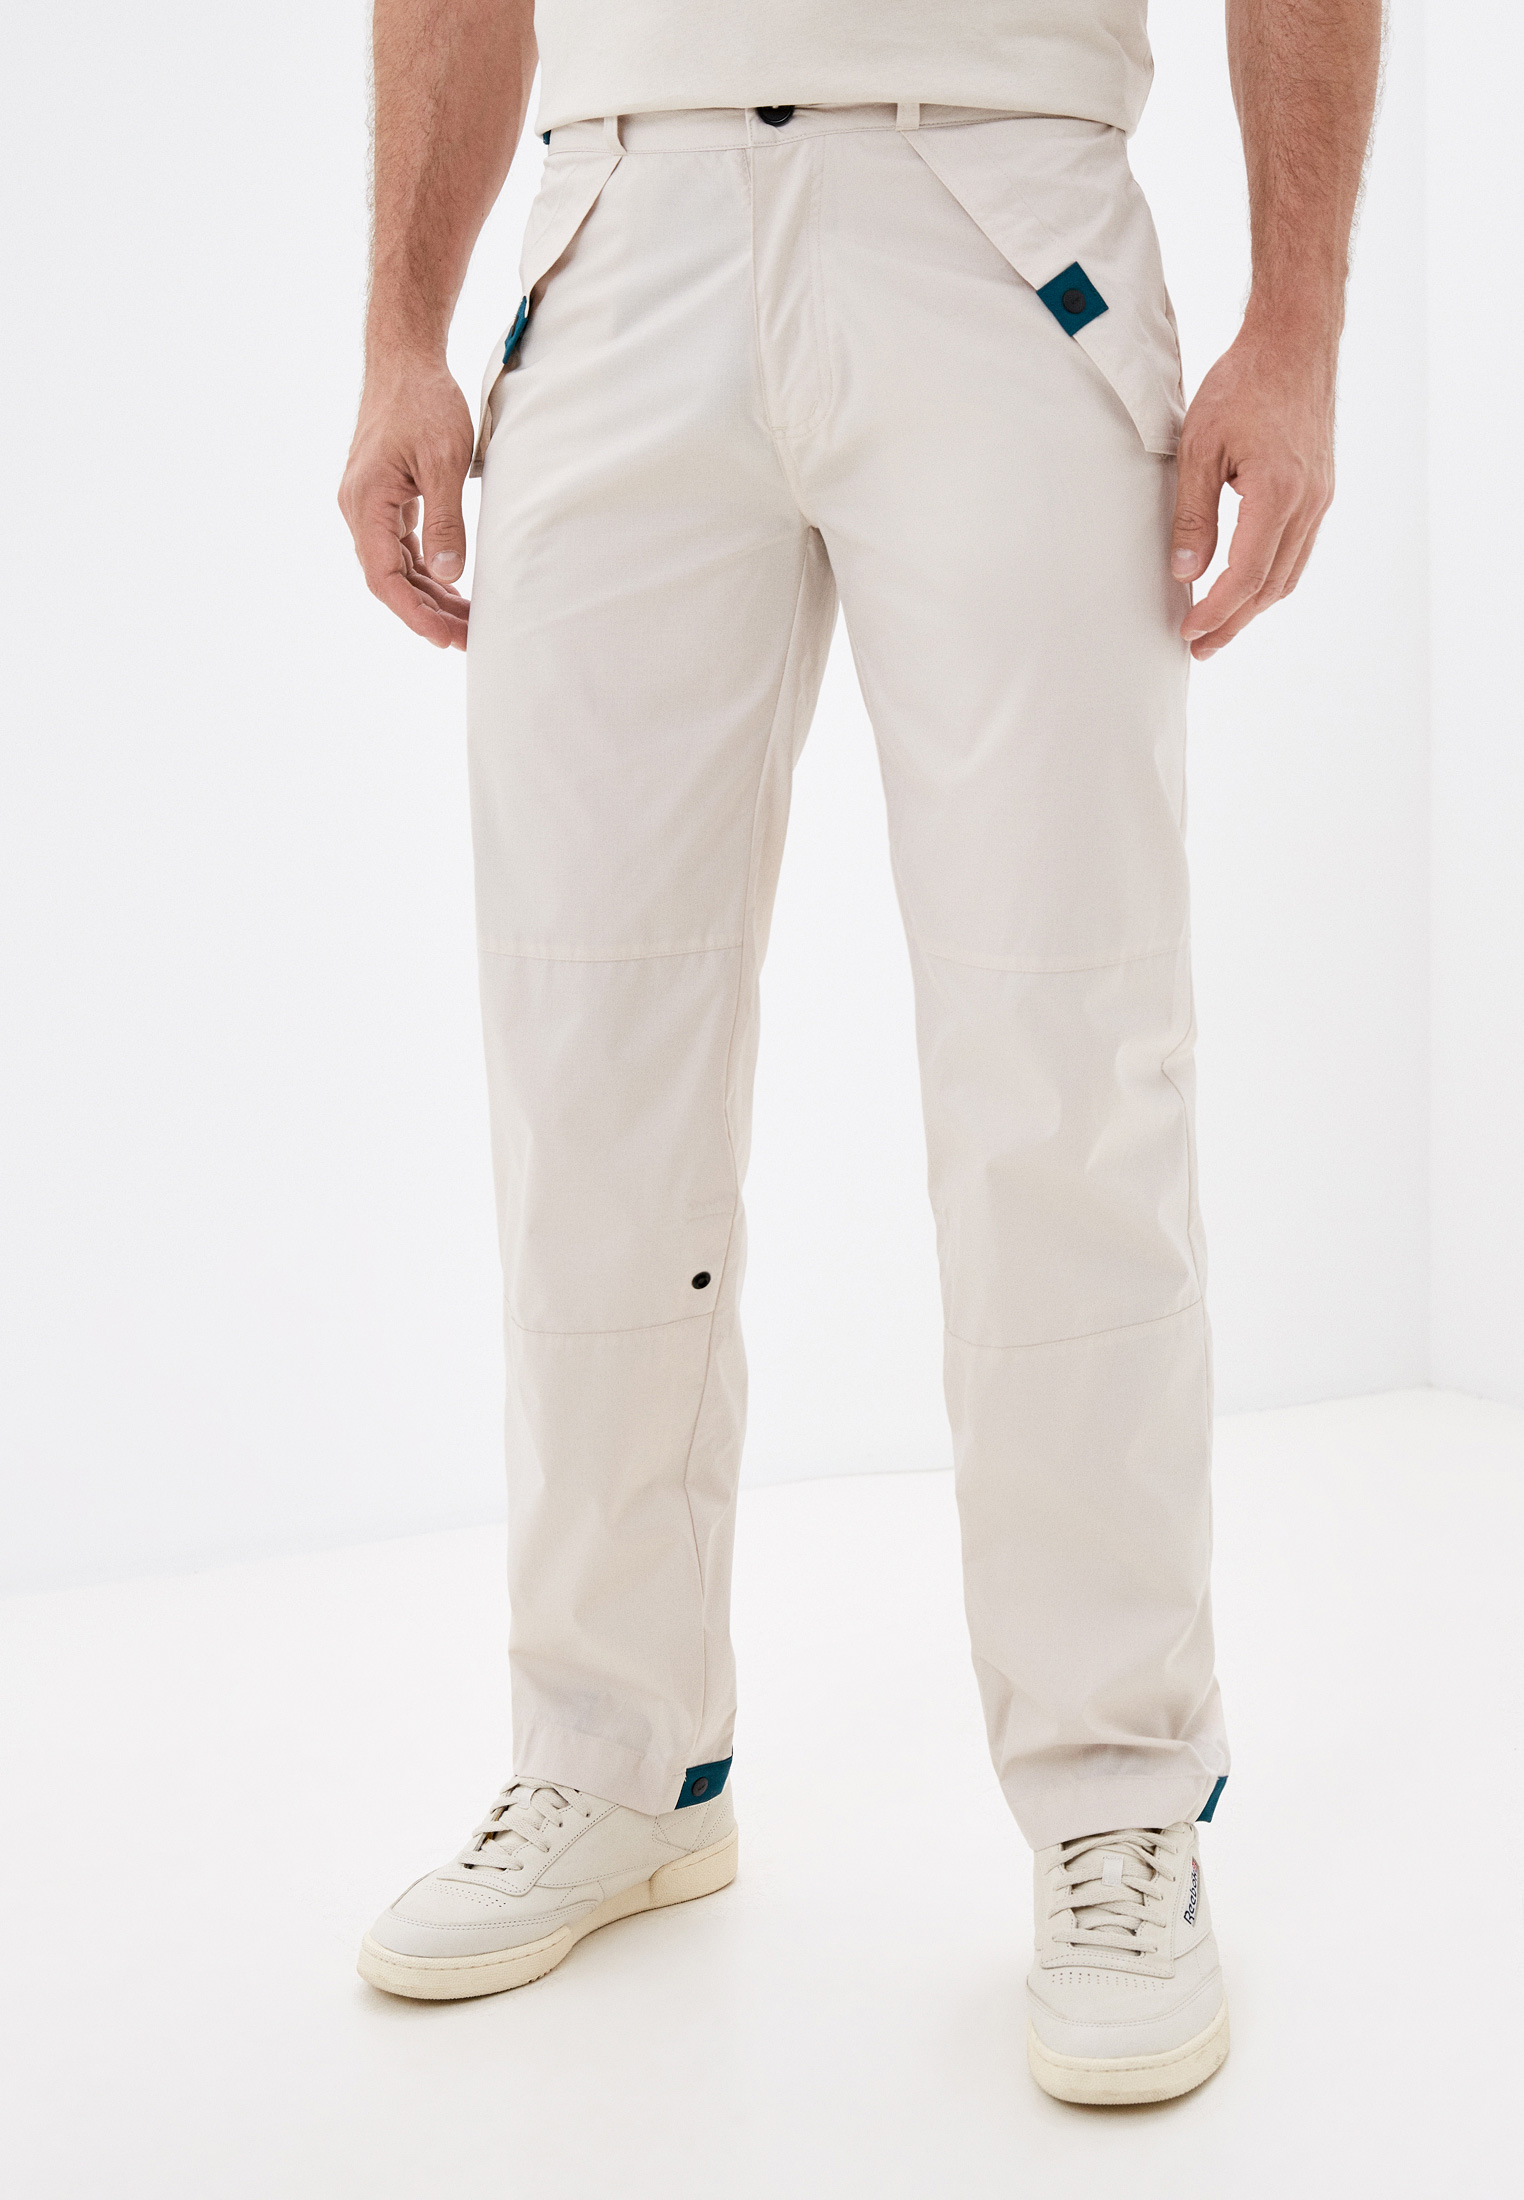 Мужские спортивные брюки Reebok Classic Брюки Reebok Classic